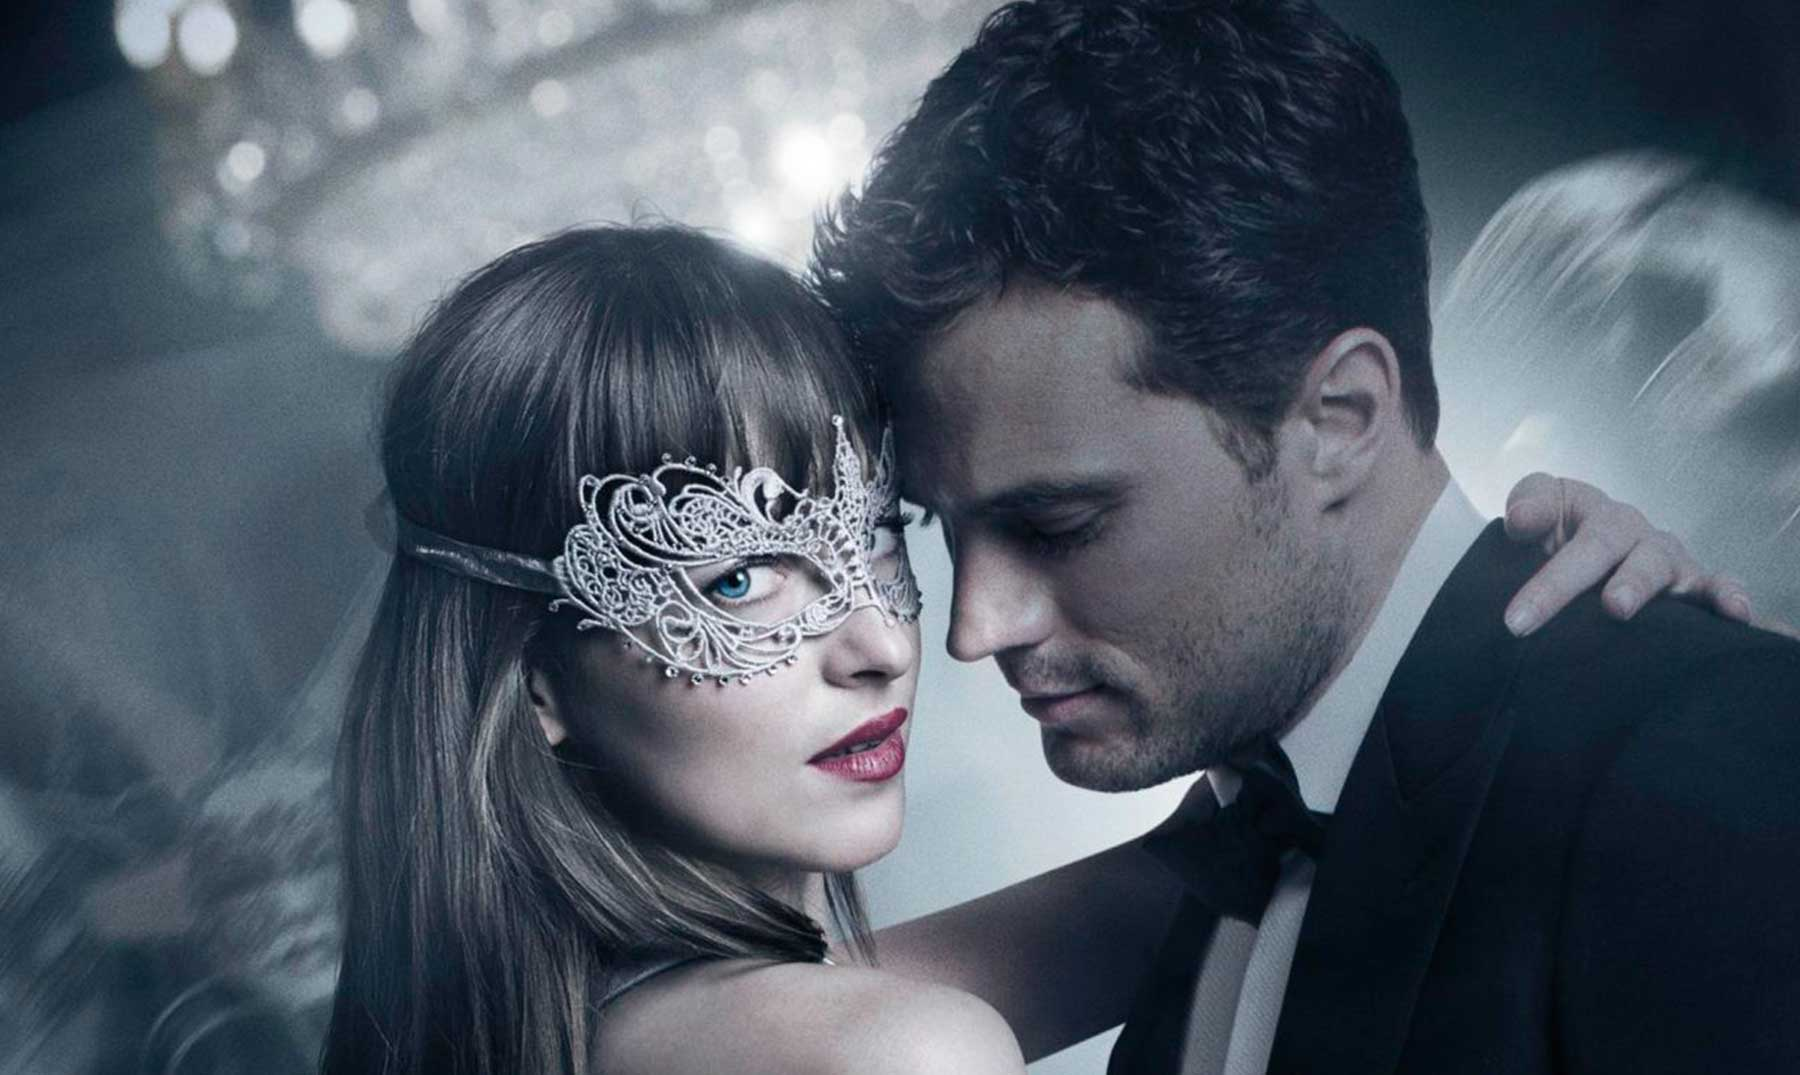 70 Frases De 50 Sombras De Grey Románticas Y Sensualescon